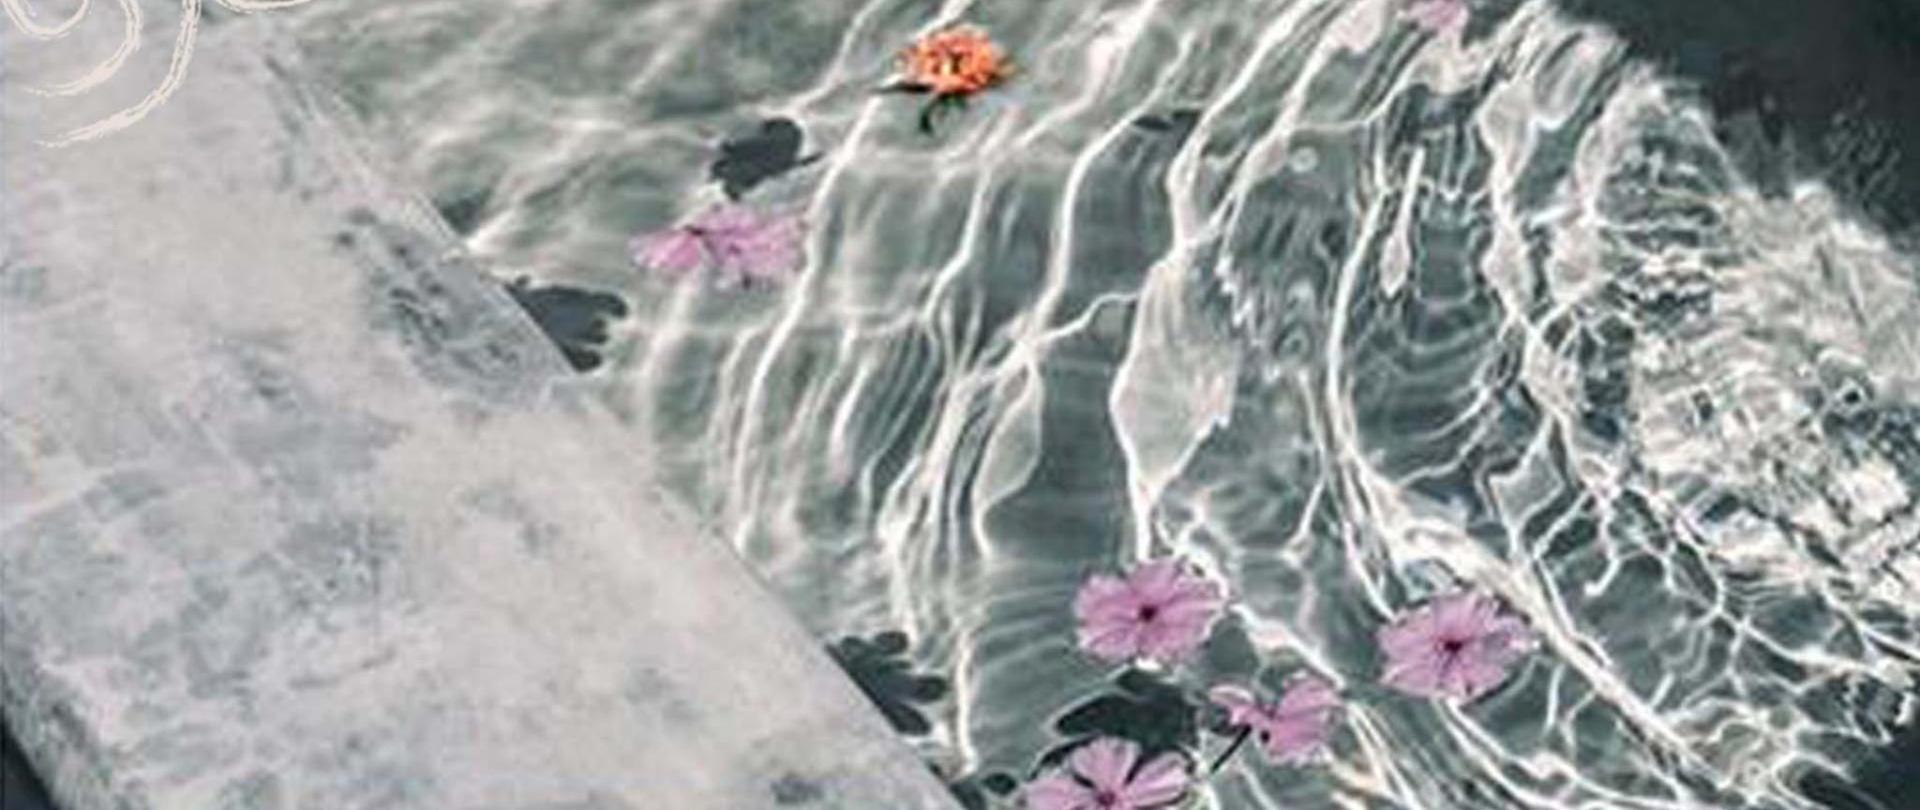 06 new vasca apertura .jpg